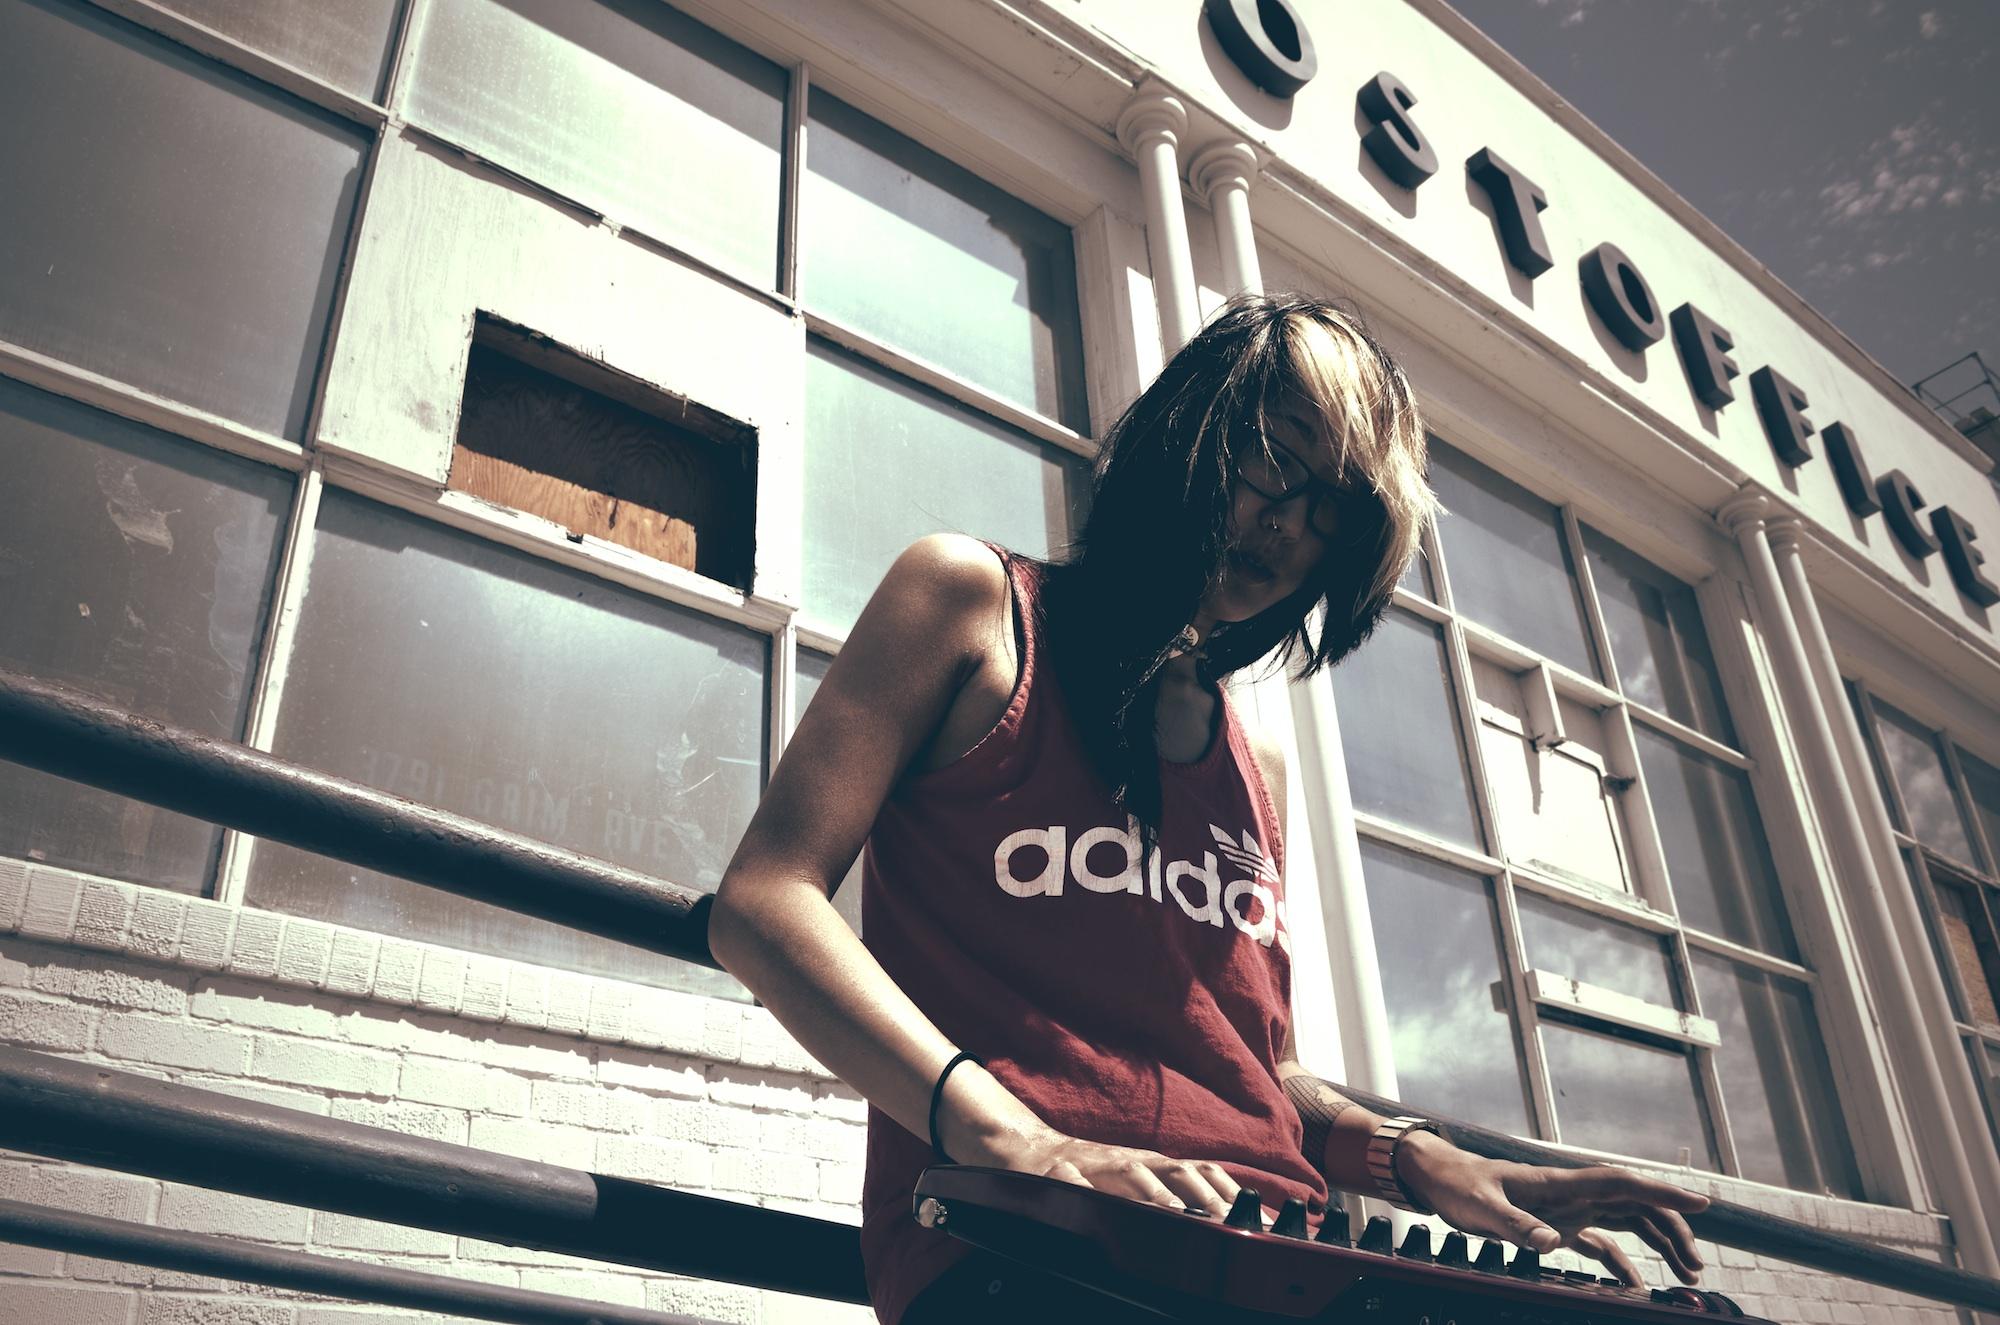 christine-usps-close-keyboard-mod